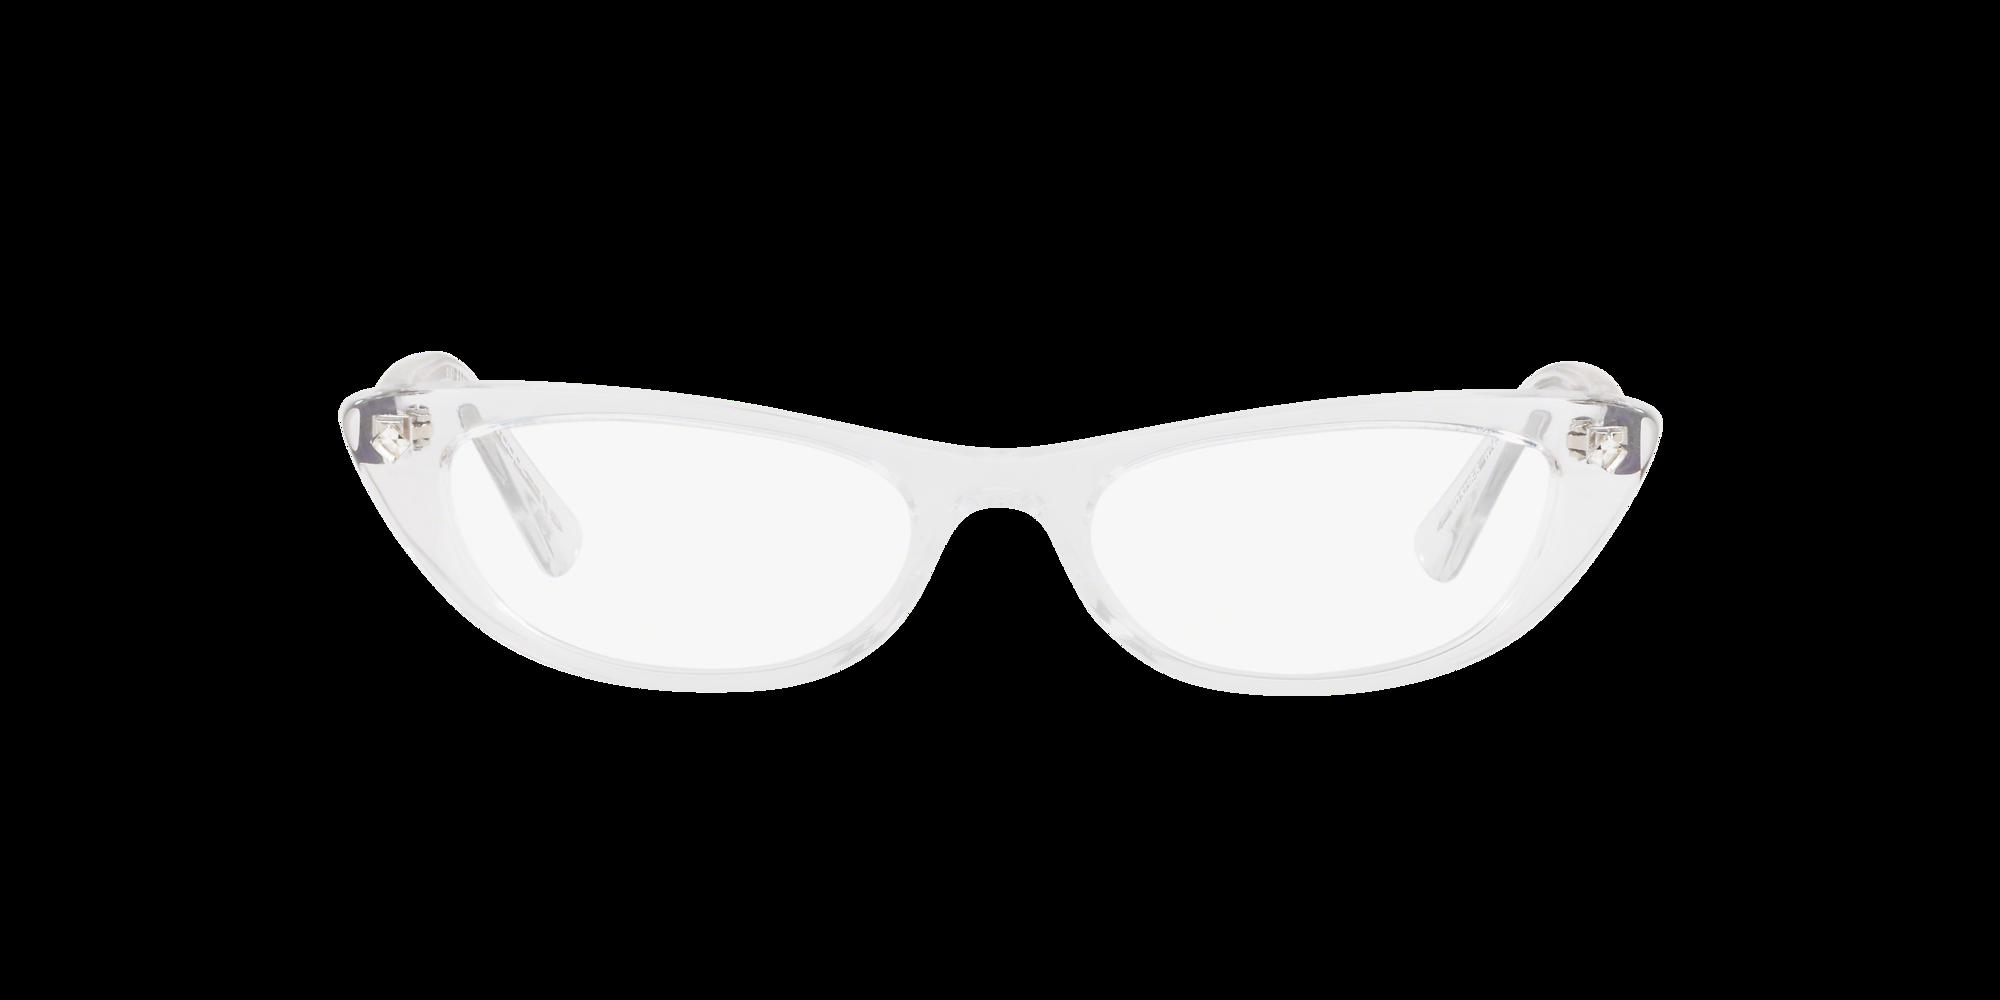 Imagen para VO5236B de LensCrafters |  Espejuelos, espejuelos graduados en línea, gafas